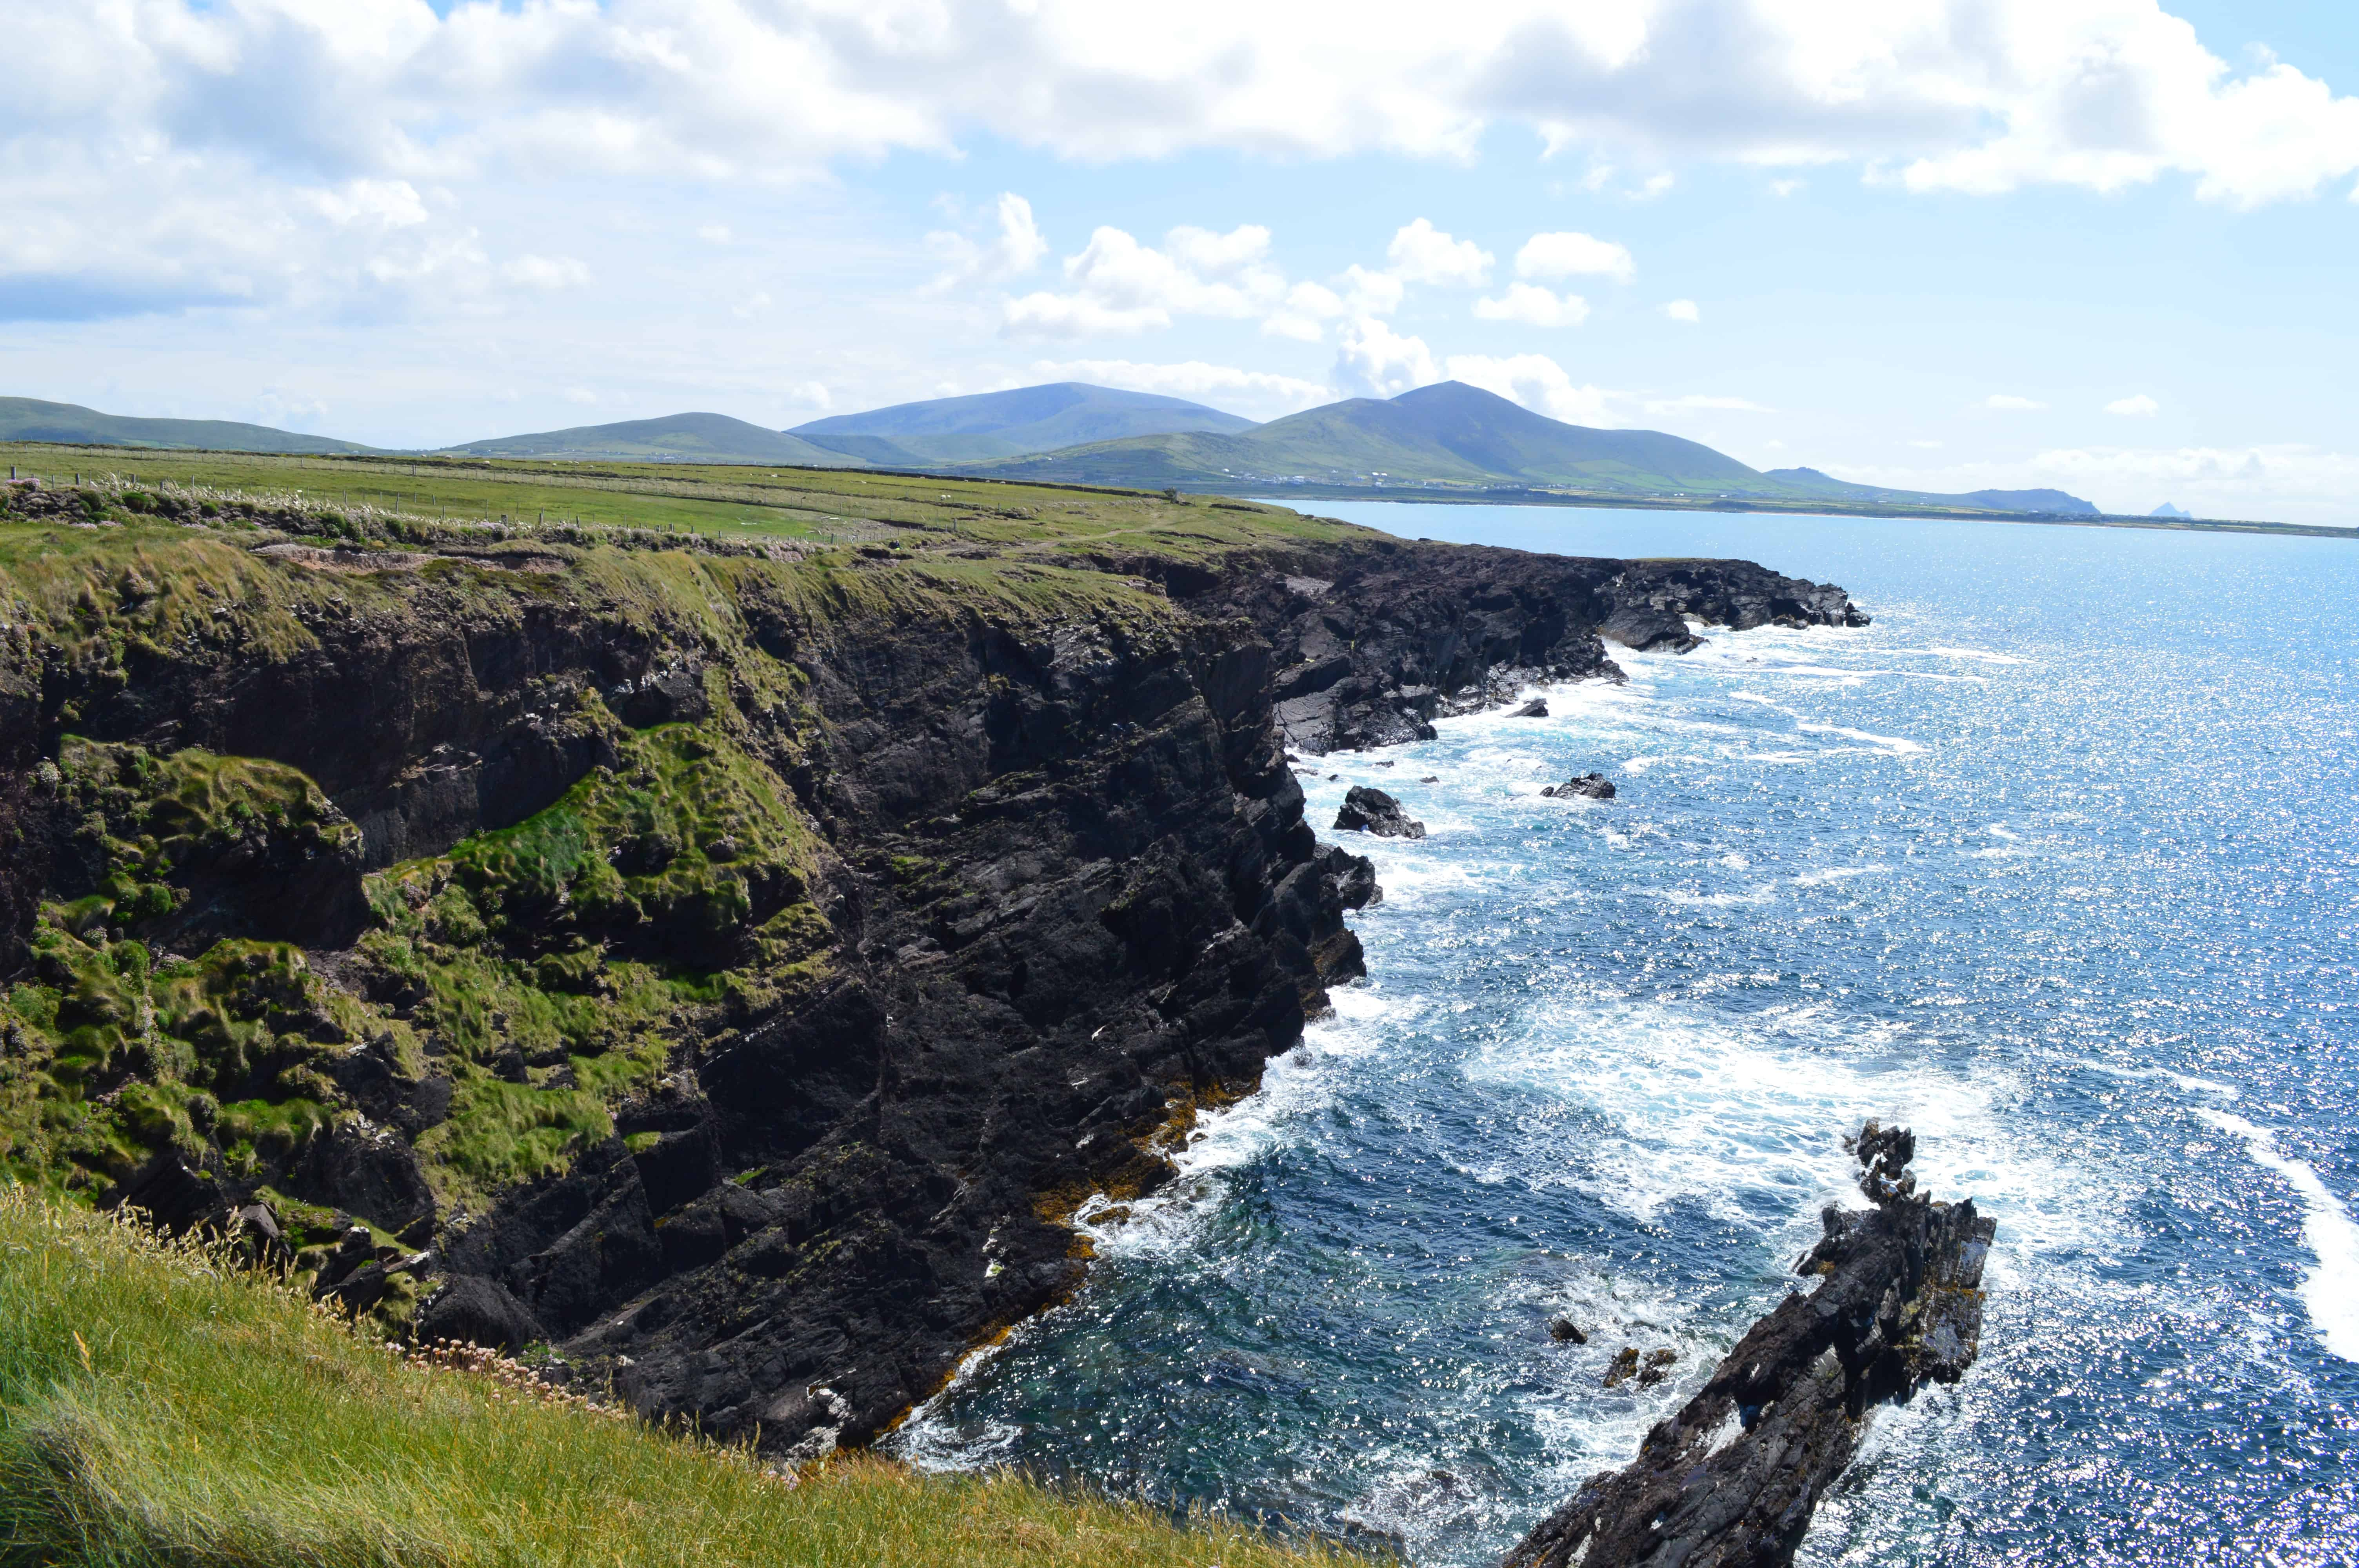 Kliffen en zon - De Dingleway - HappyHikers